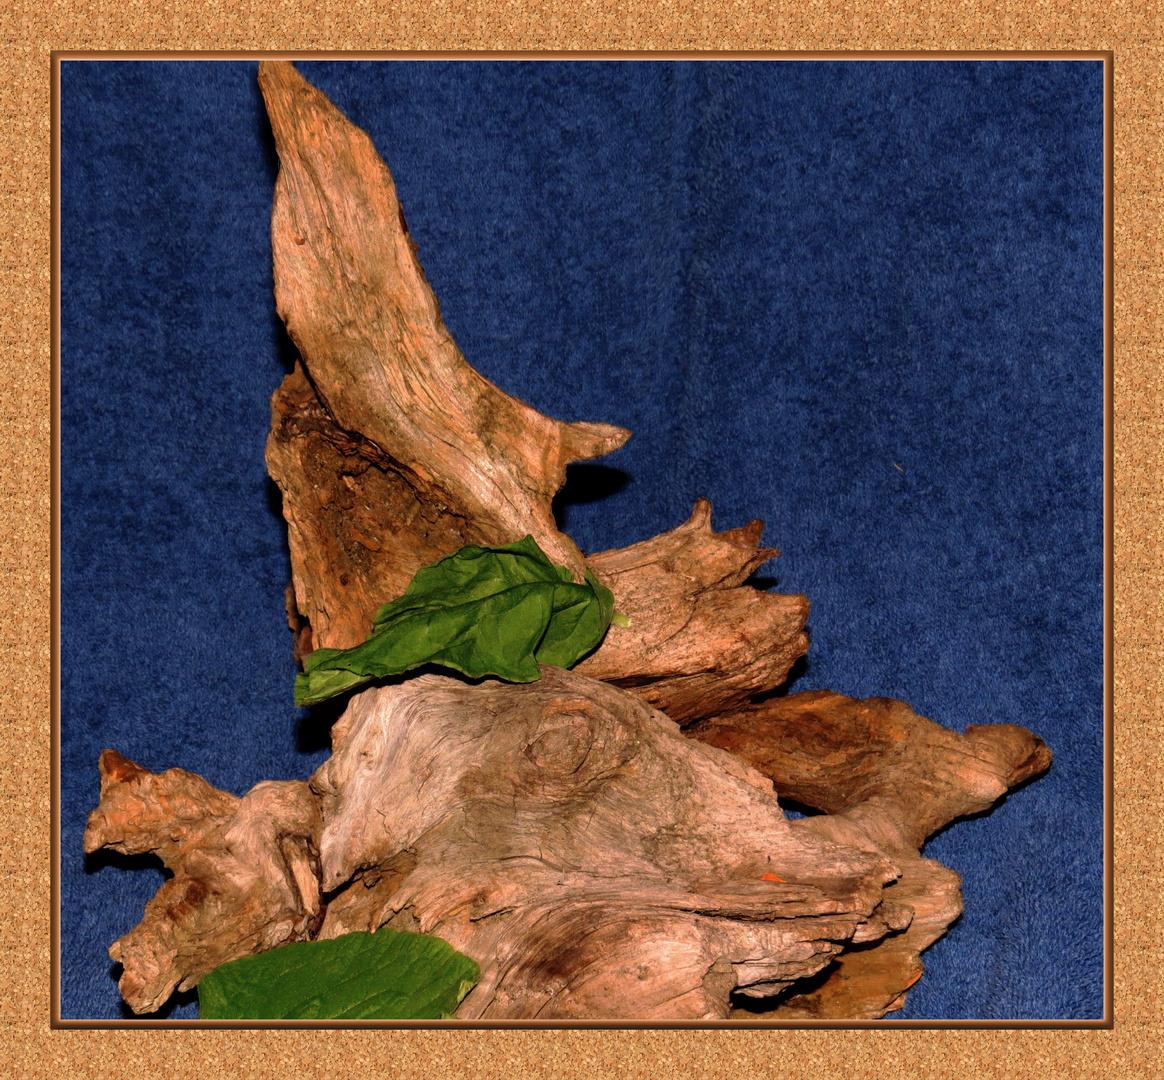 Blatt auf Holz